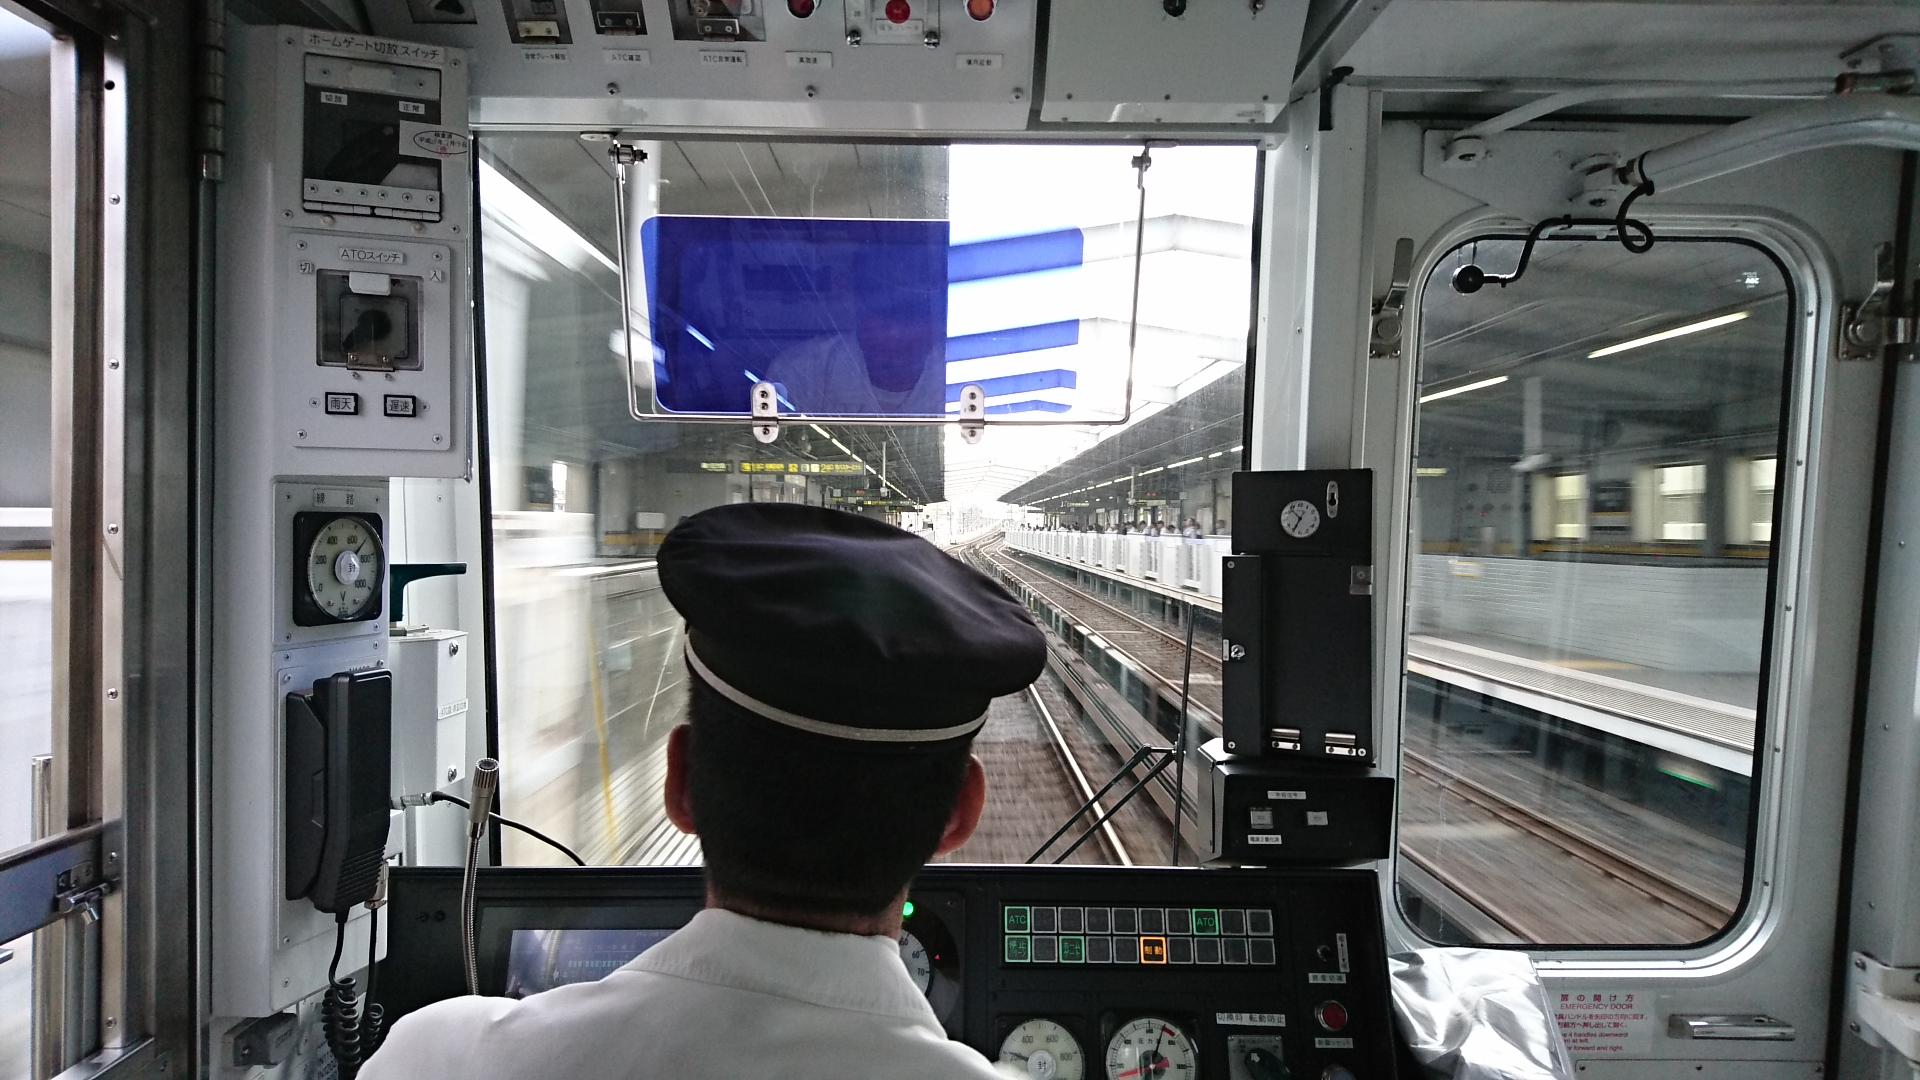 2017.7.31 始発 (11) 藤が丘いき - 本郷 1920-1080